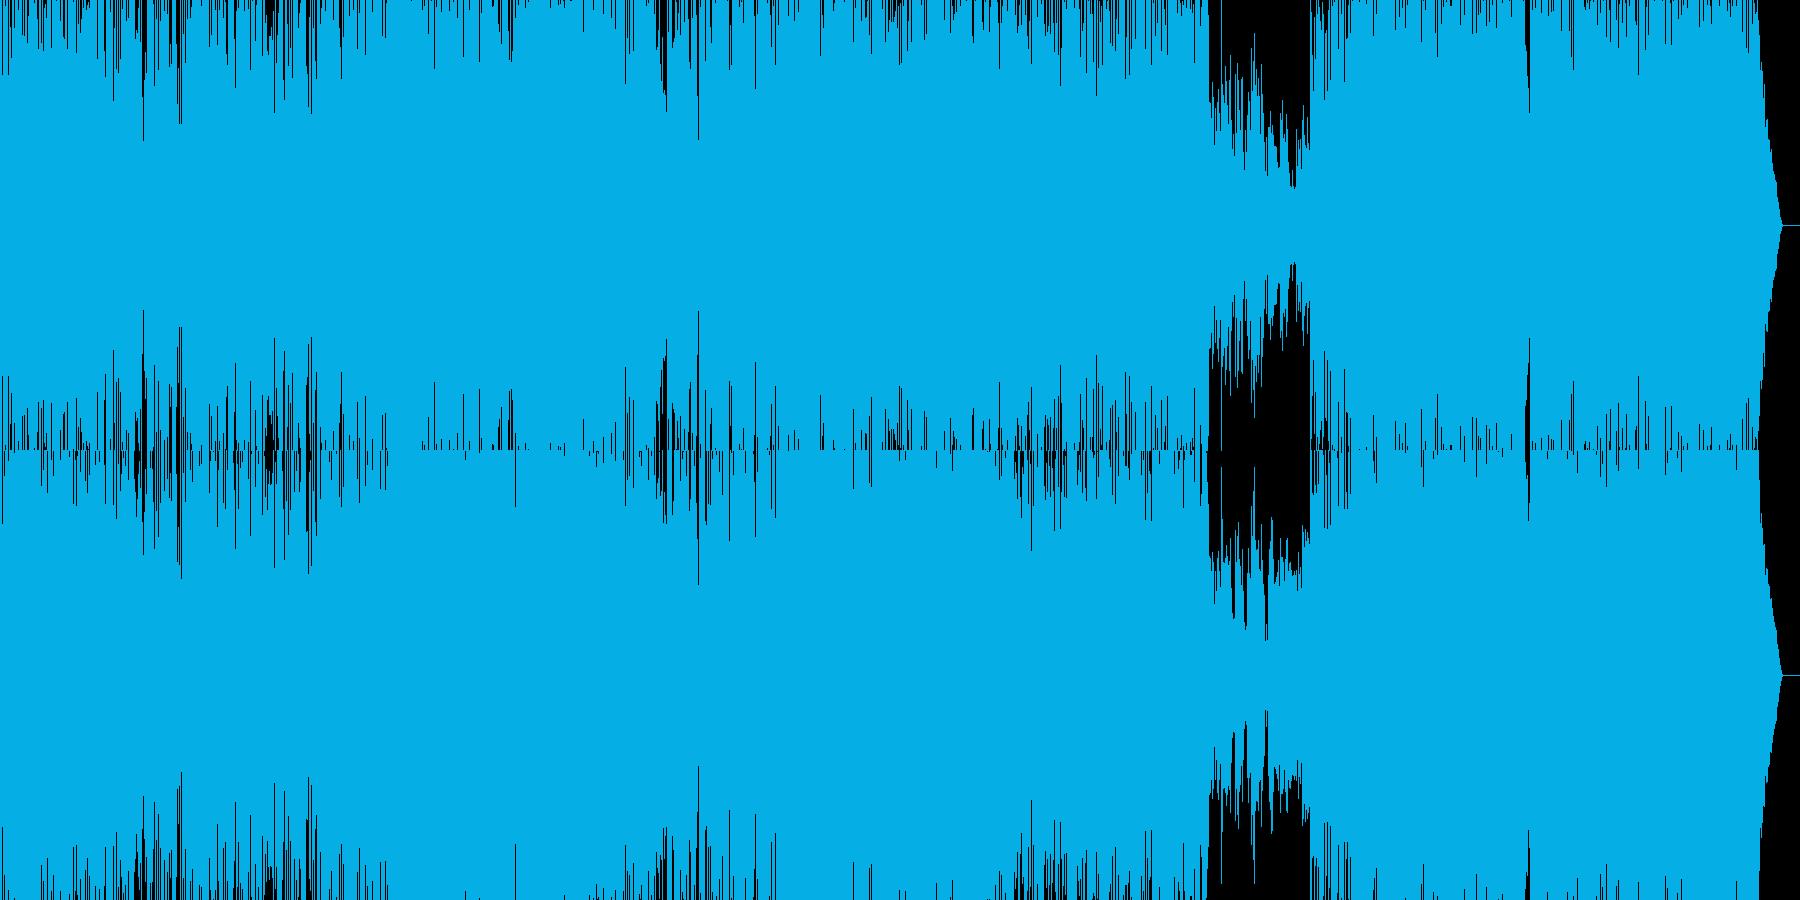 テンポの速いアコースティックギターロックの再生済みの波形